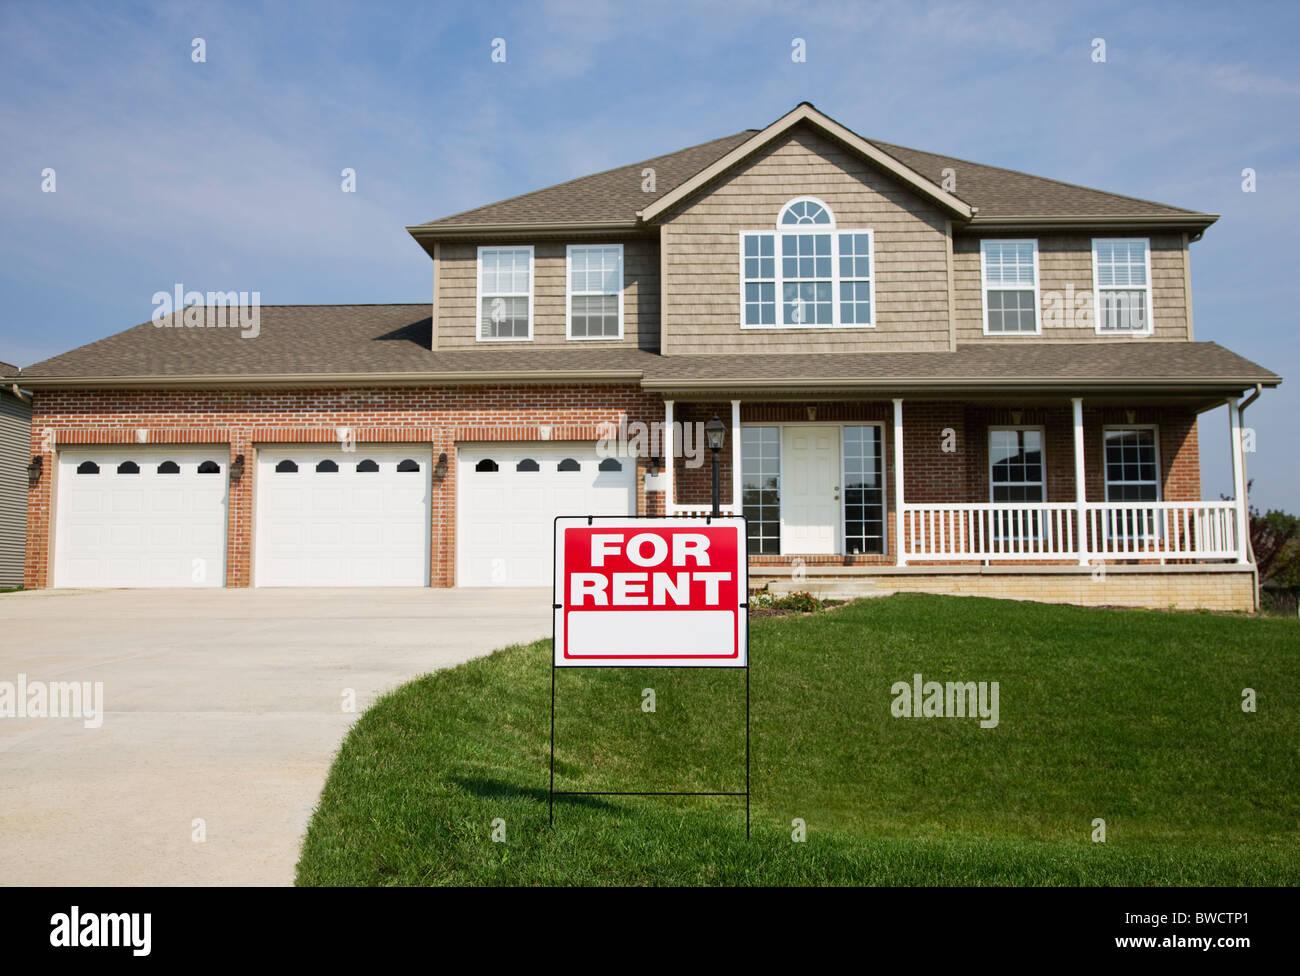 USA, Illinois, Metamora, Suburban house for rent Stock Photo